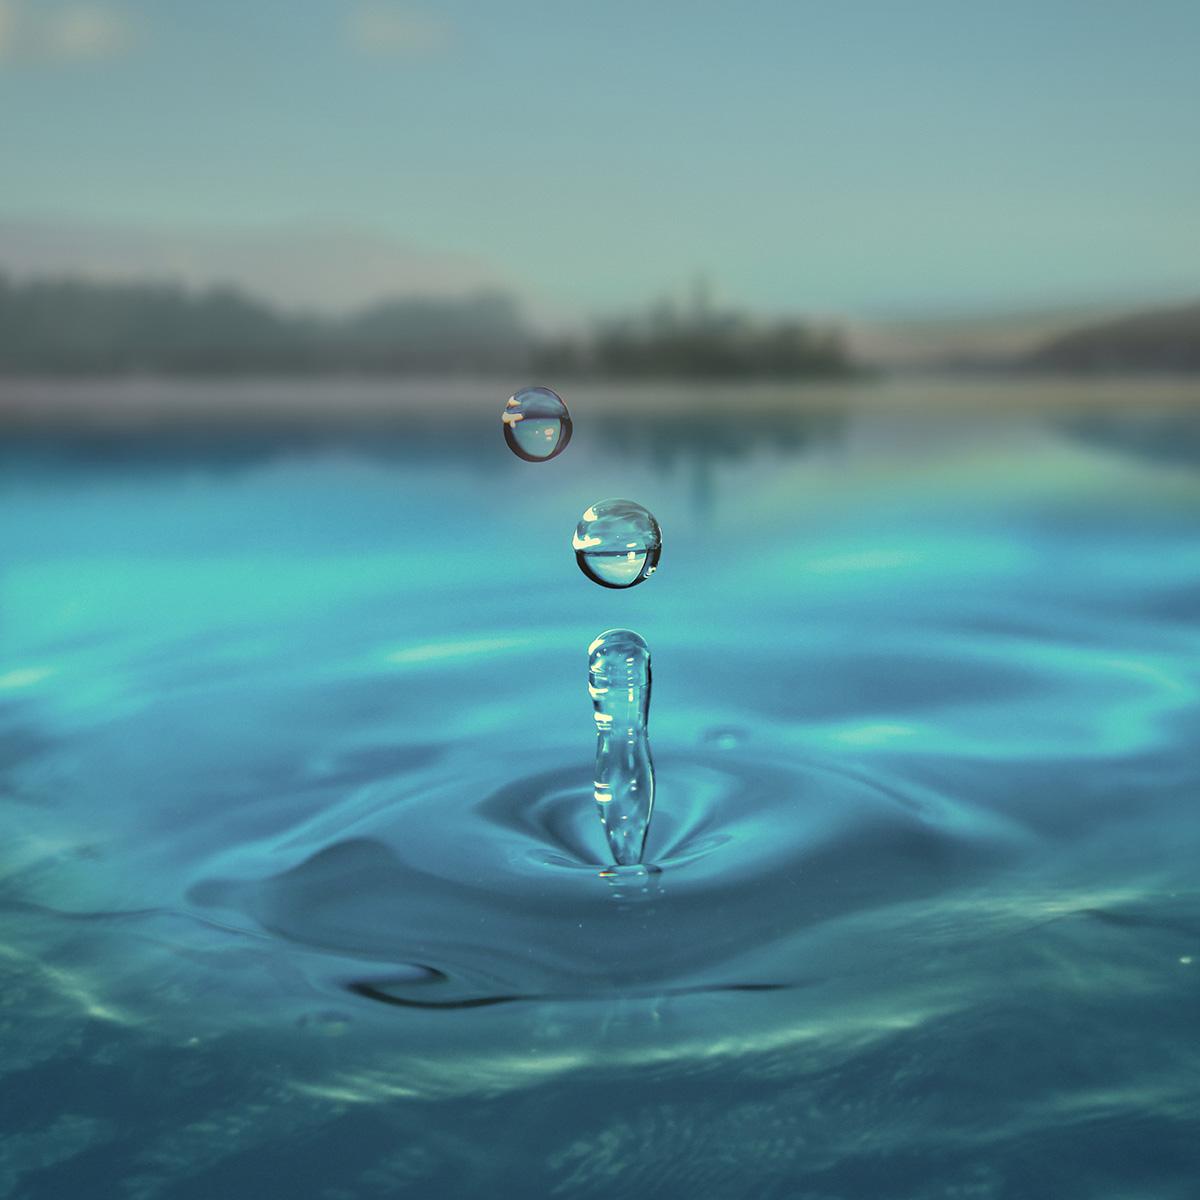 reflektioner_i_vatten_square_wp